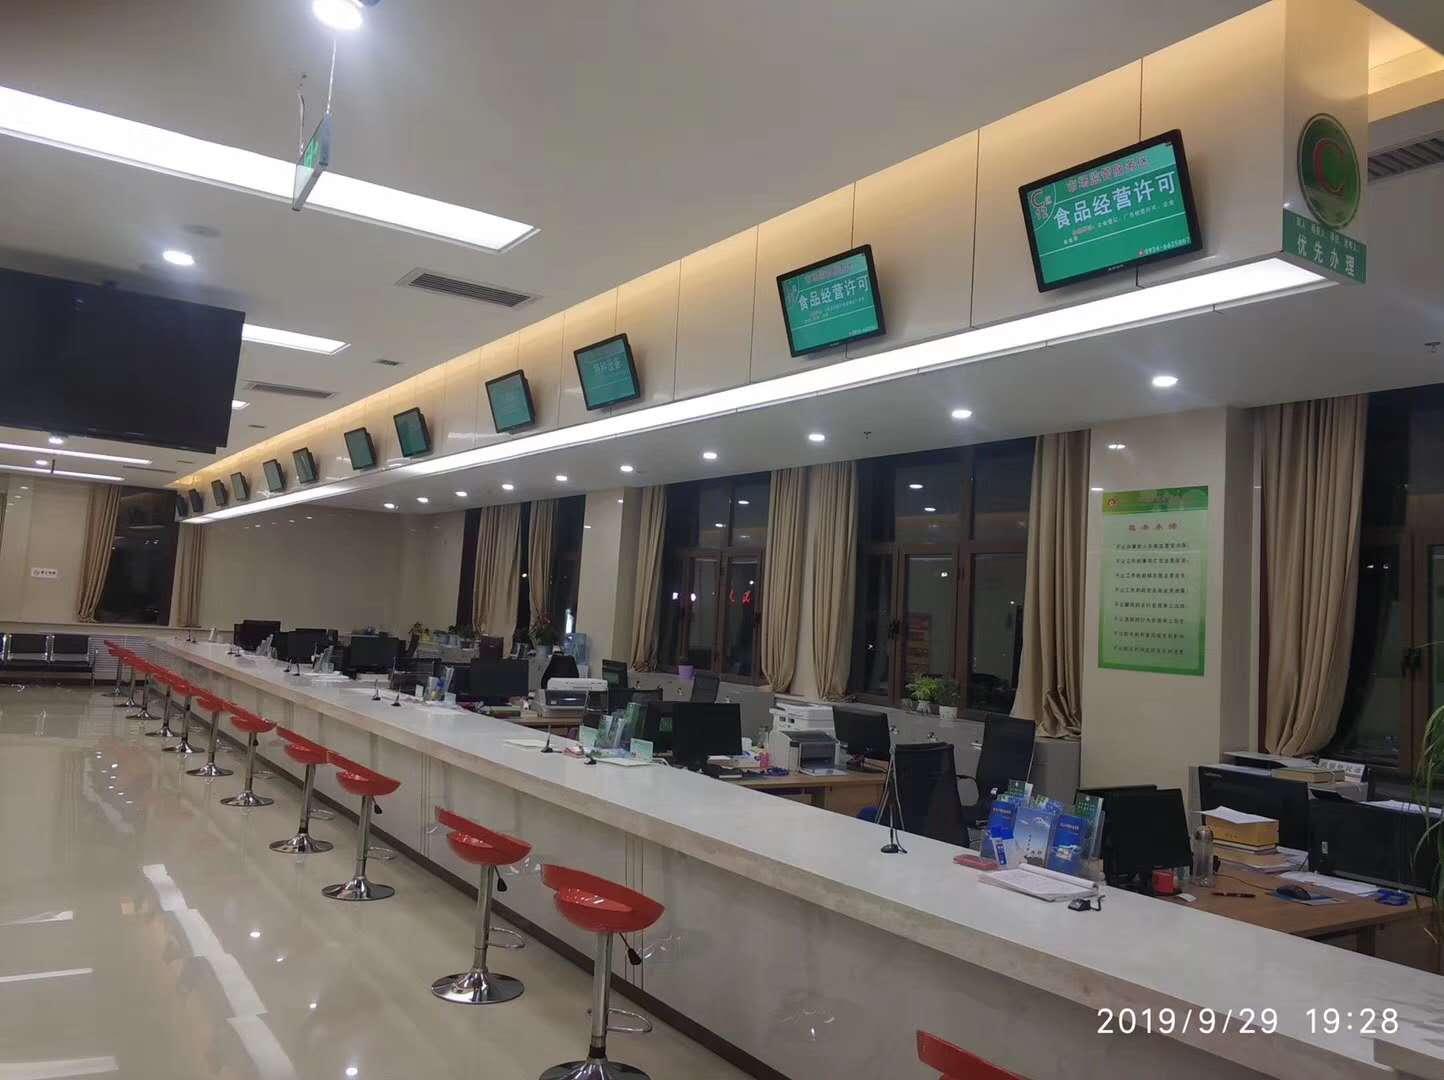 宁县政务大厅